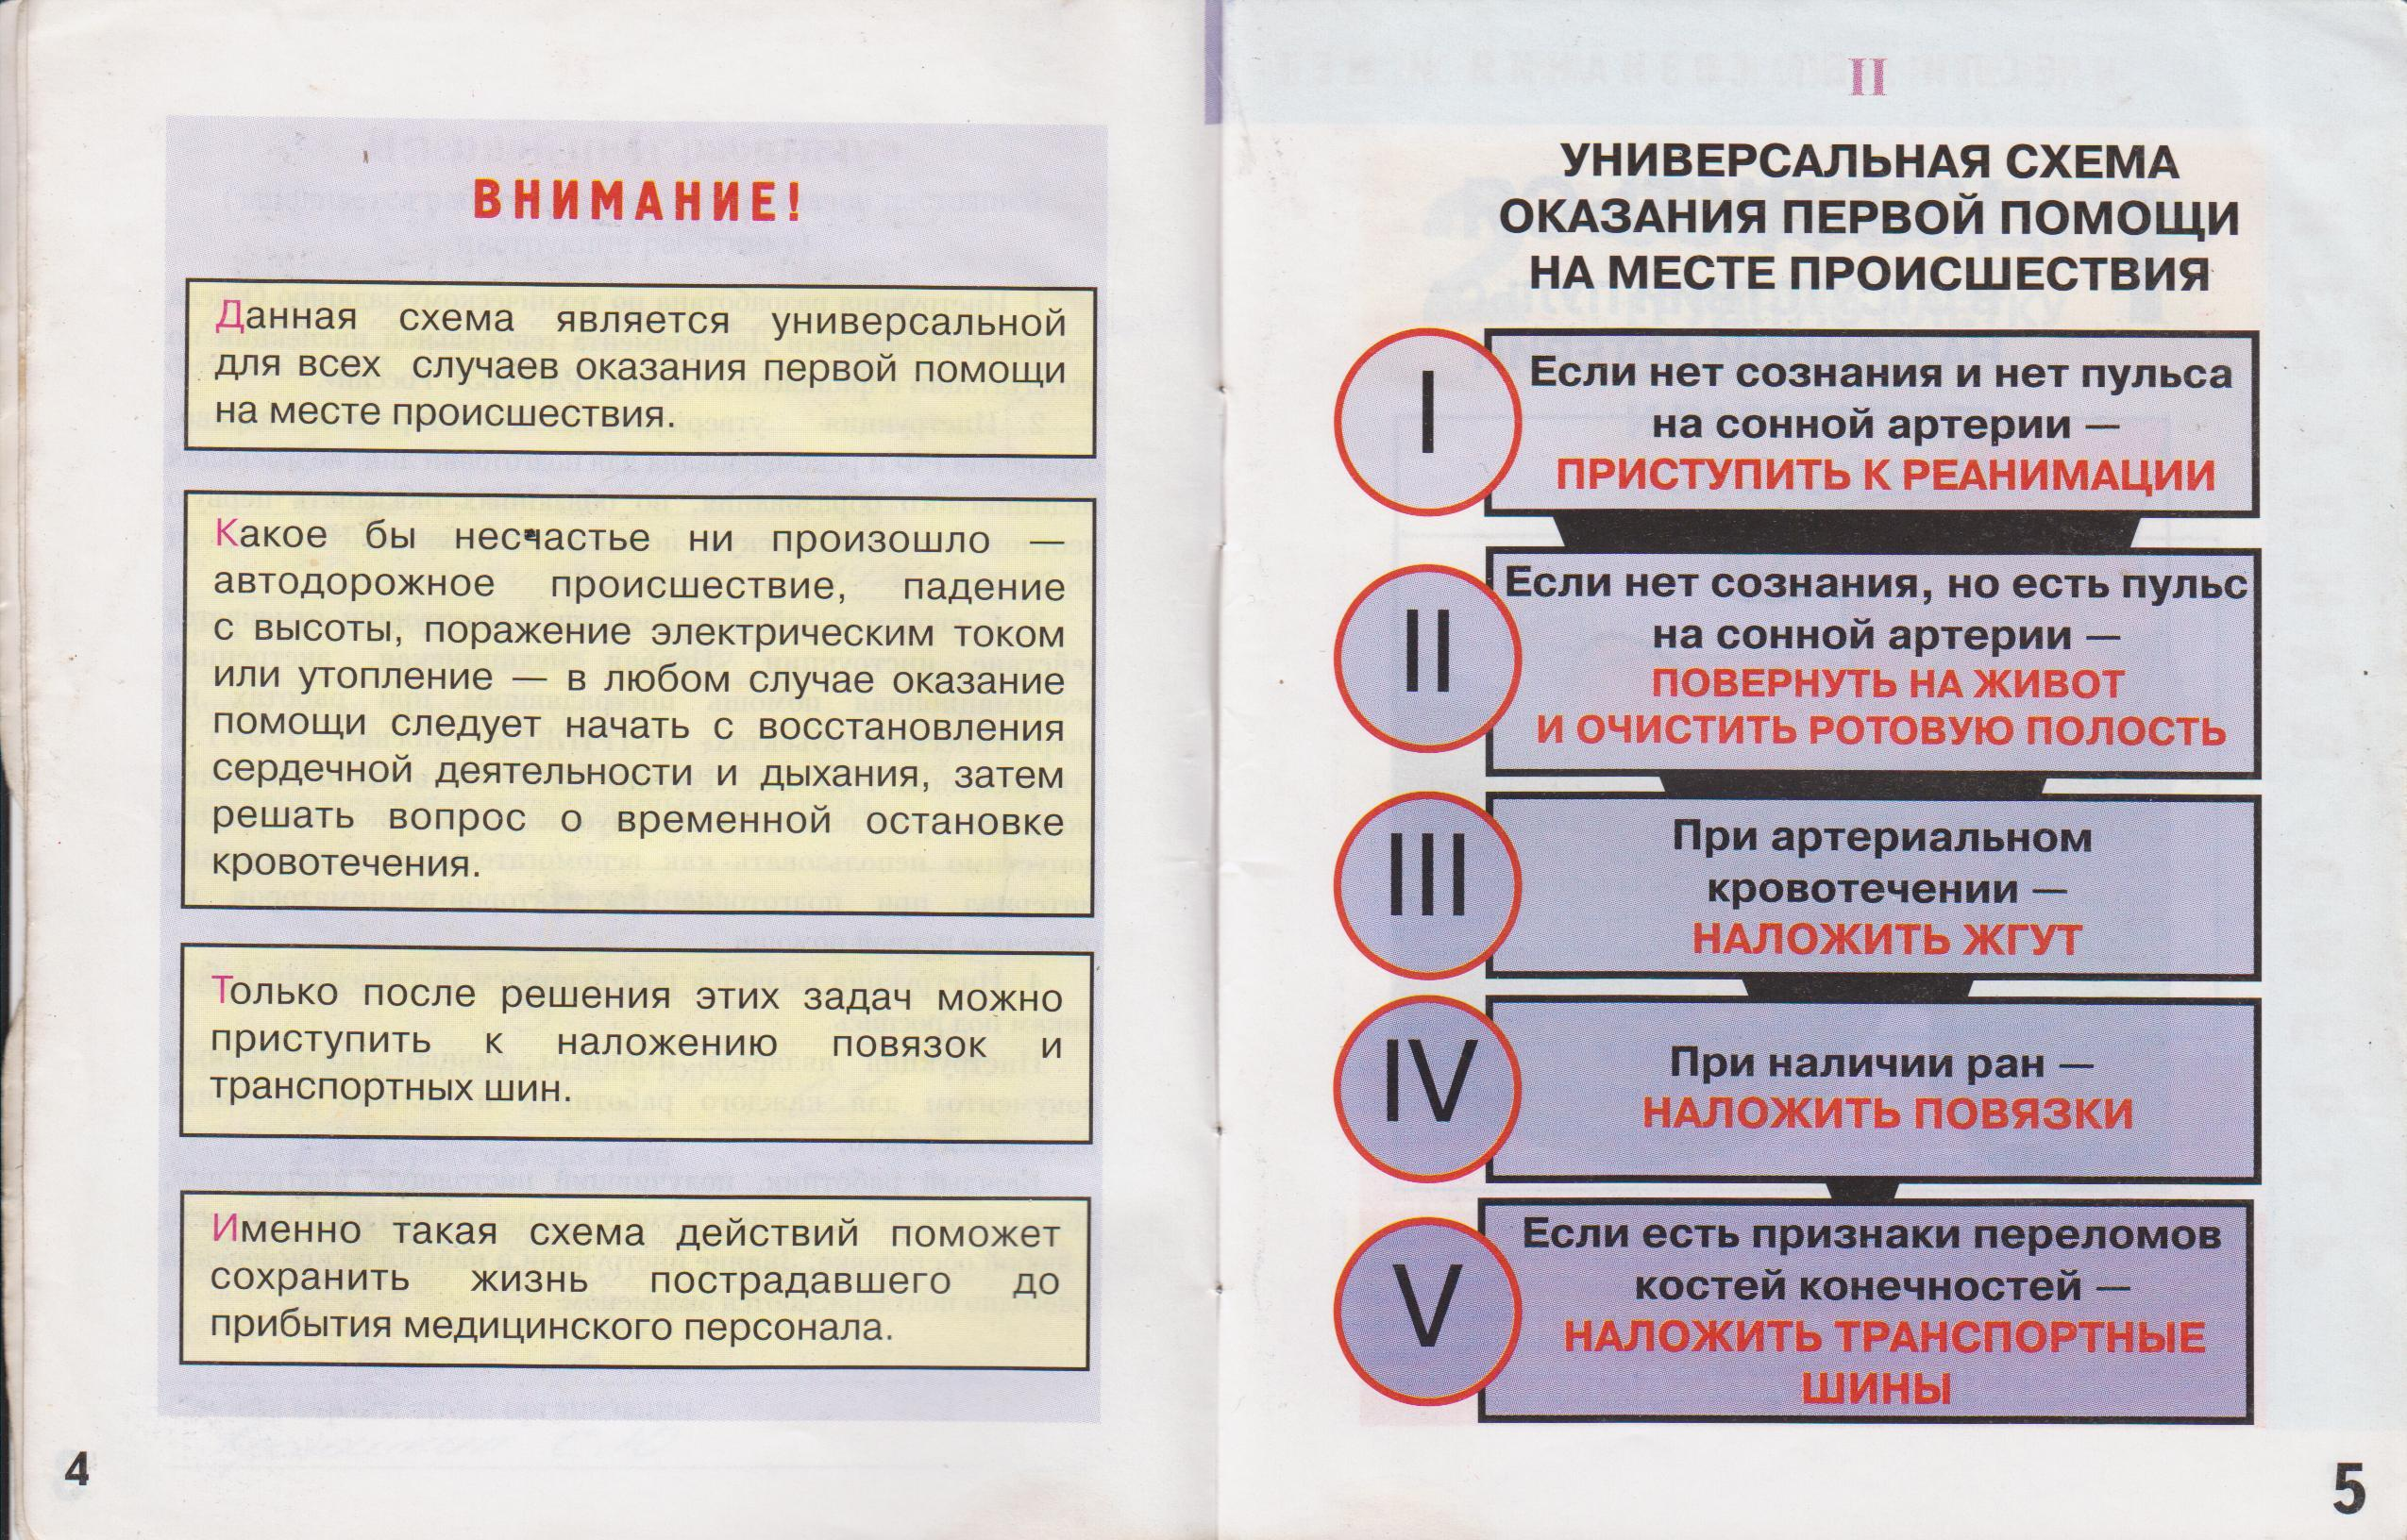 Инструкция по оказанию первой медицинской помощи в офисе